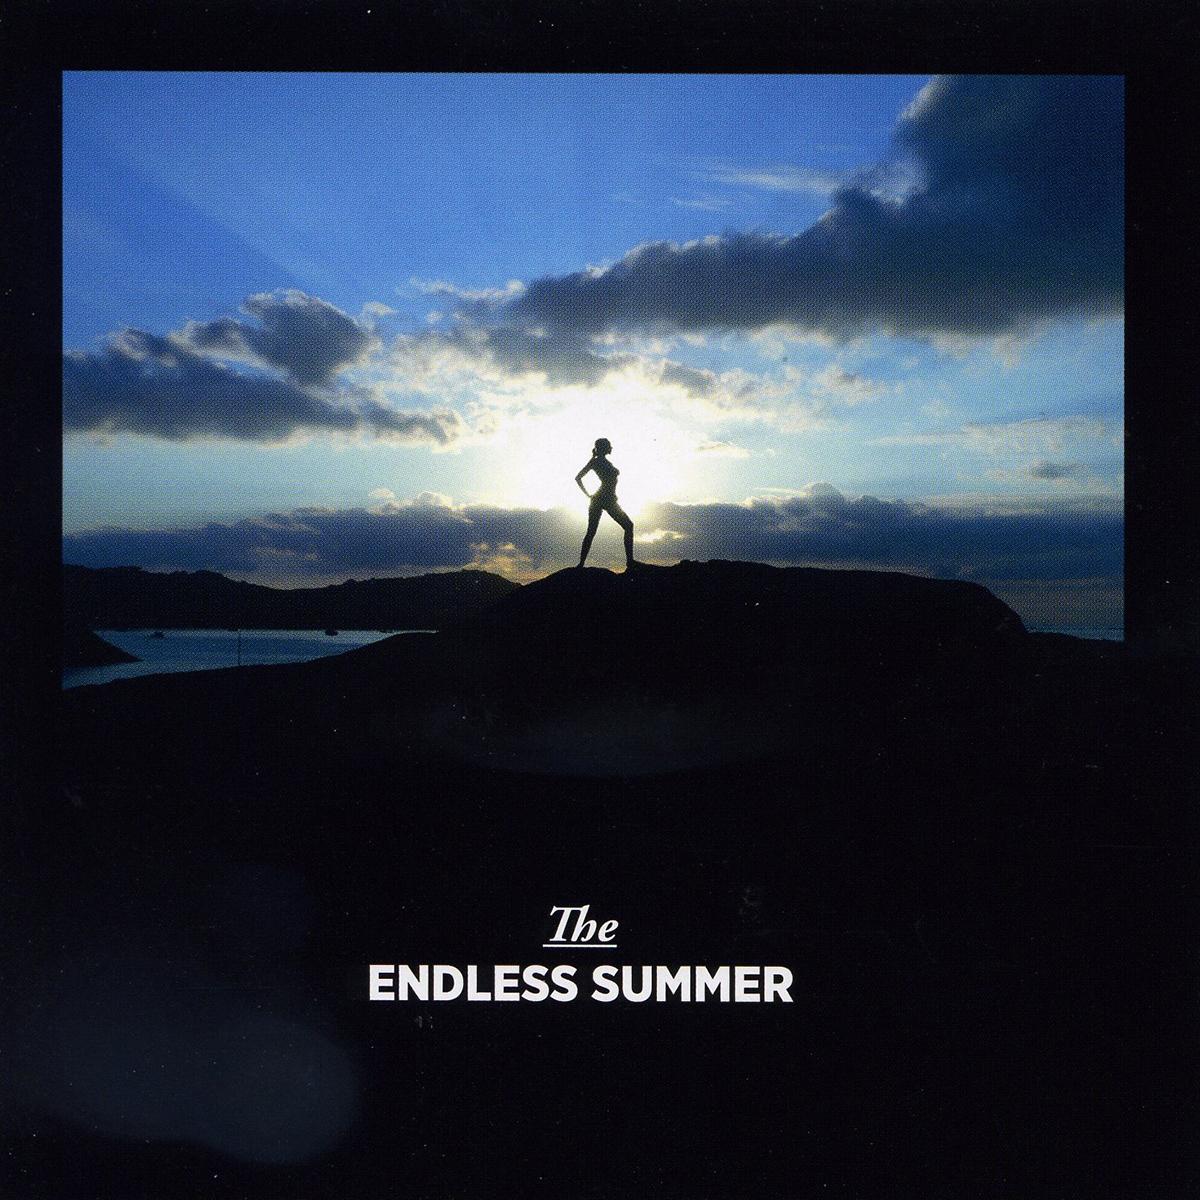 The Endless Summer de Thomas de PORQUERY